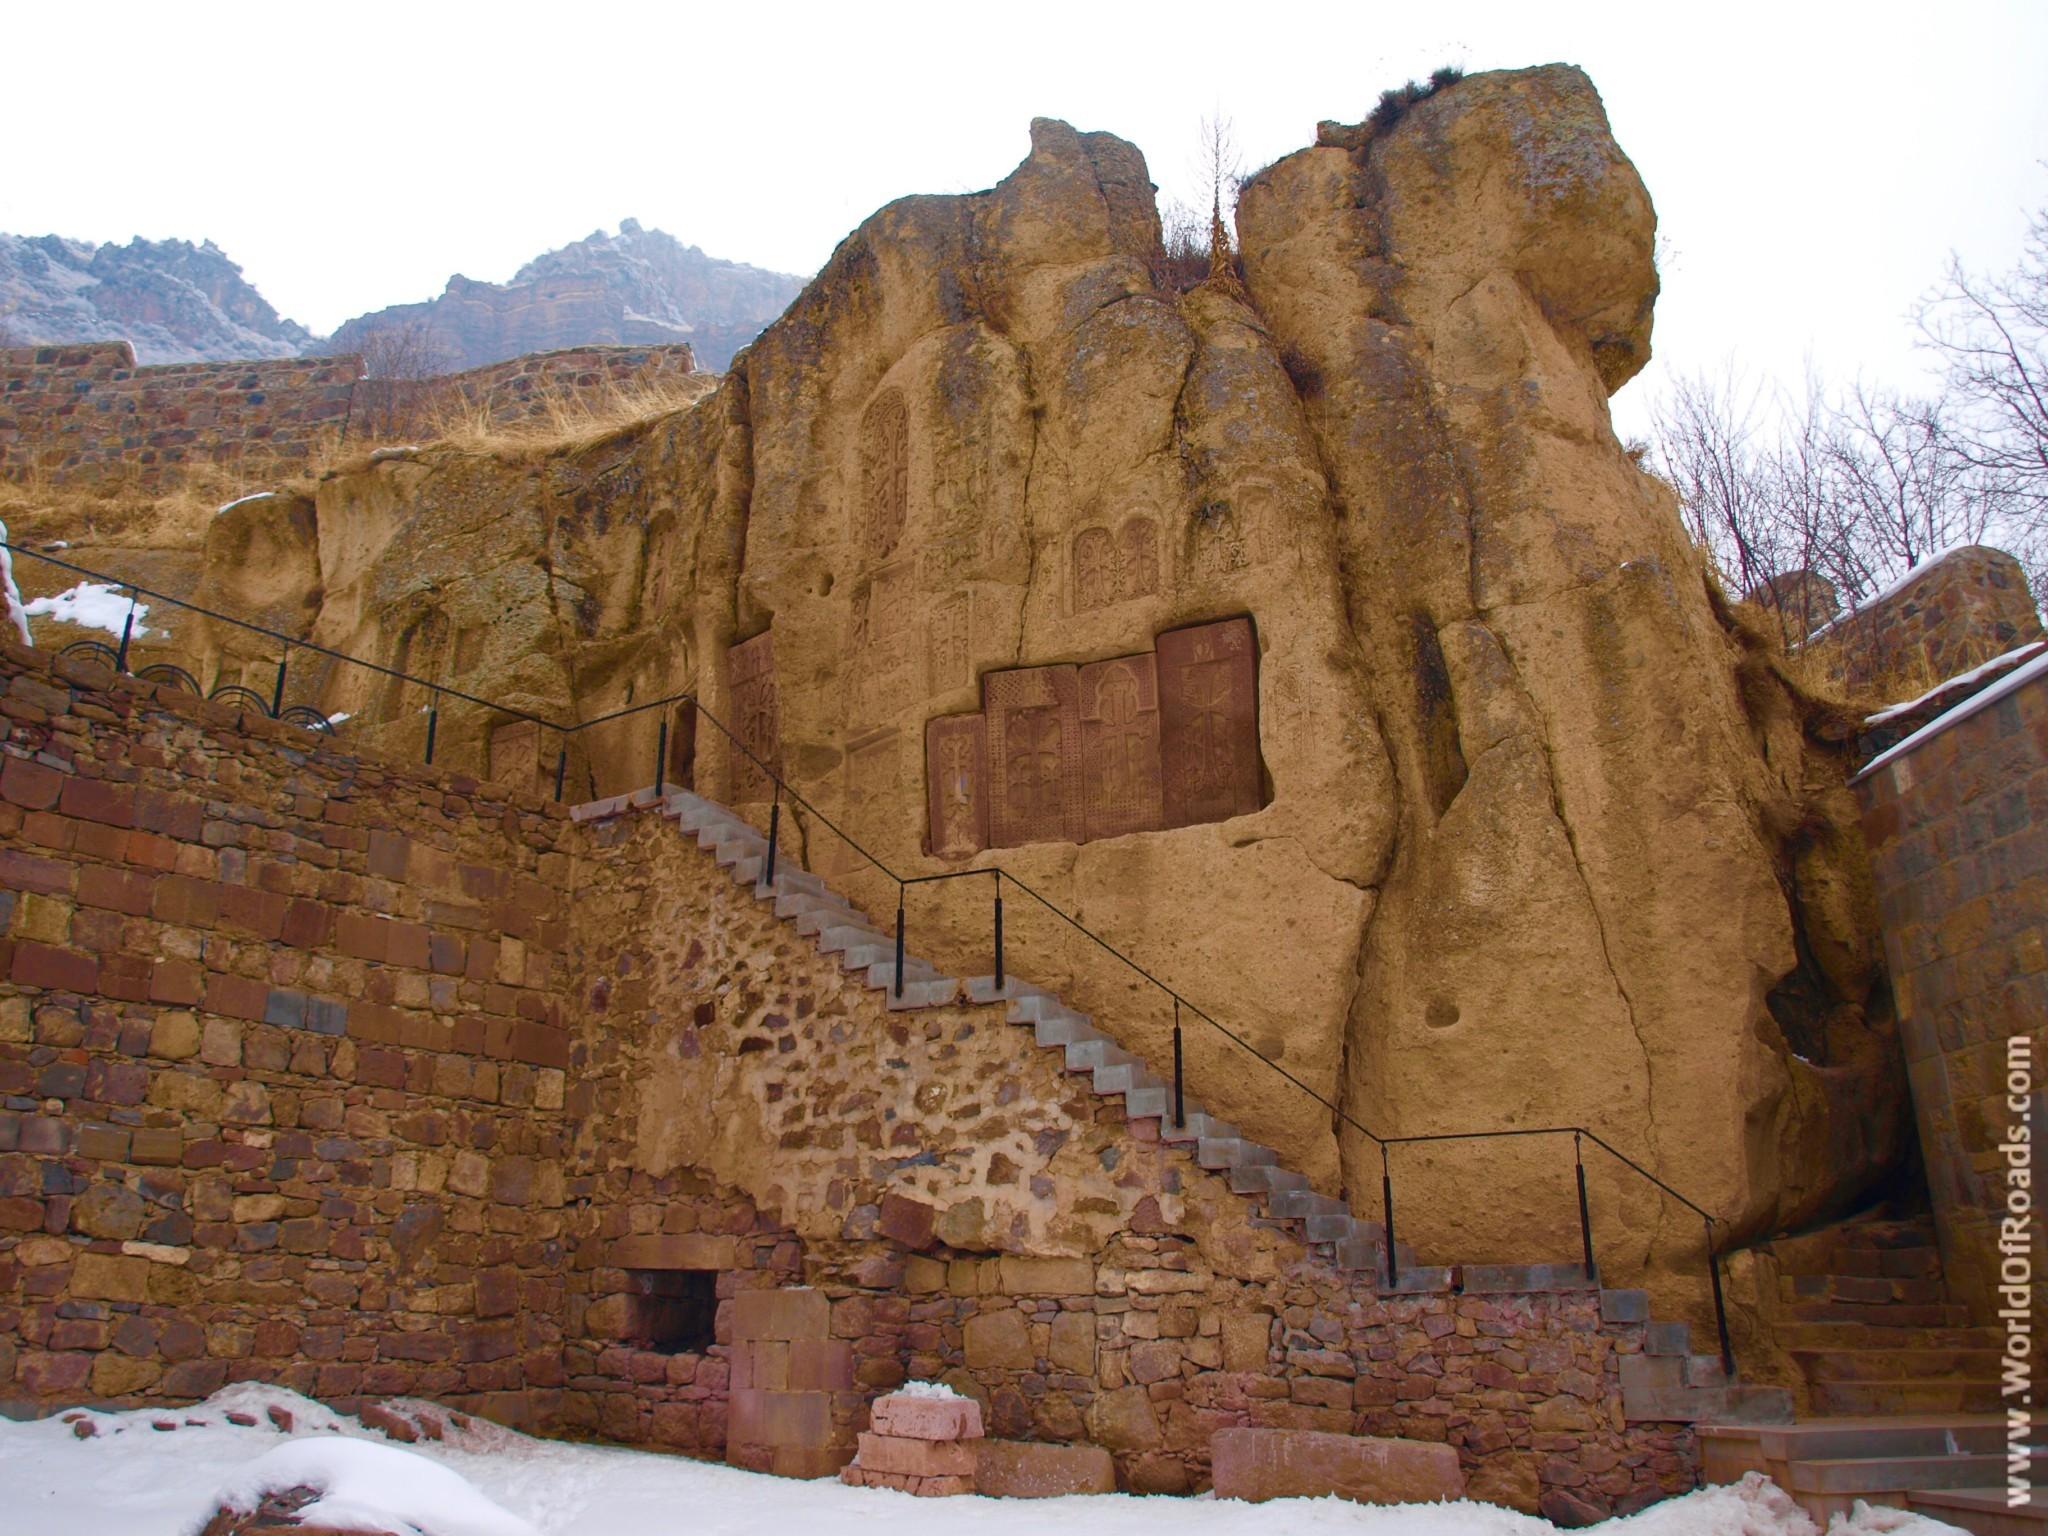 Монастырский комплекс Гегард в Армении. Достопримечательность ЮНЕСКО